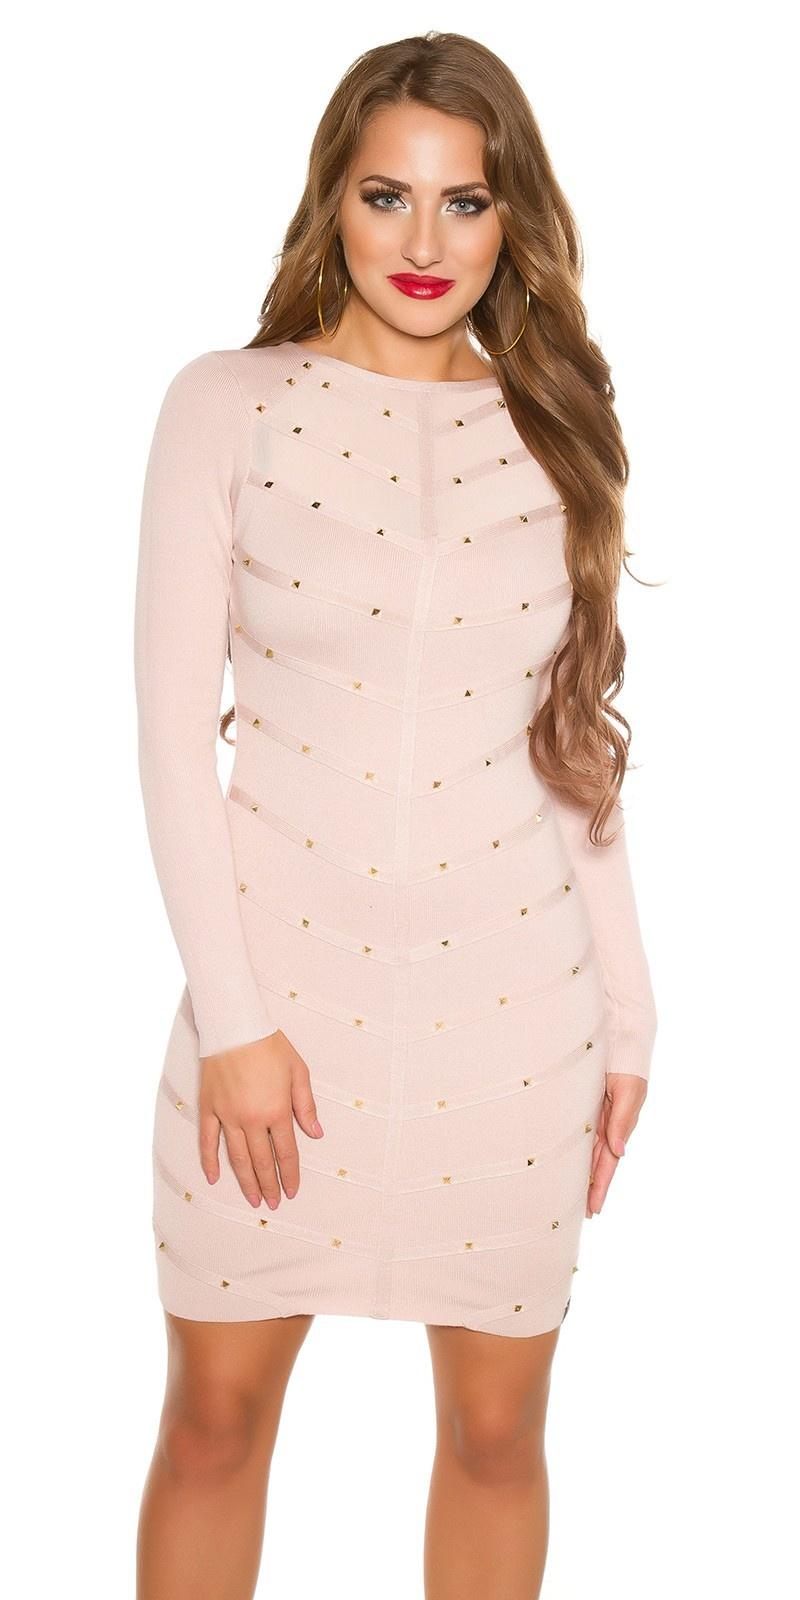 Sexy fijn gebreide jurk met gaasstof & klinknagels antiekroze